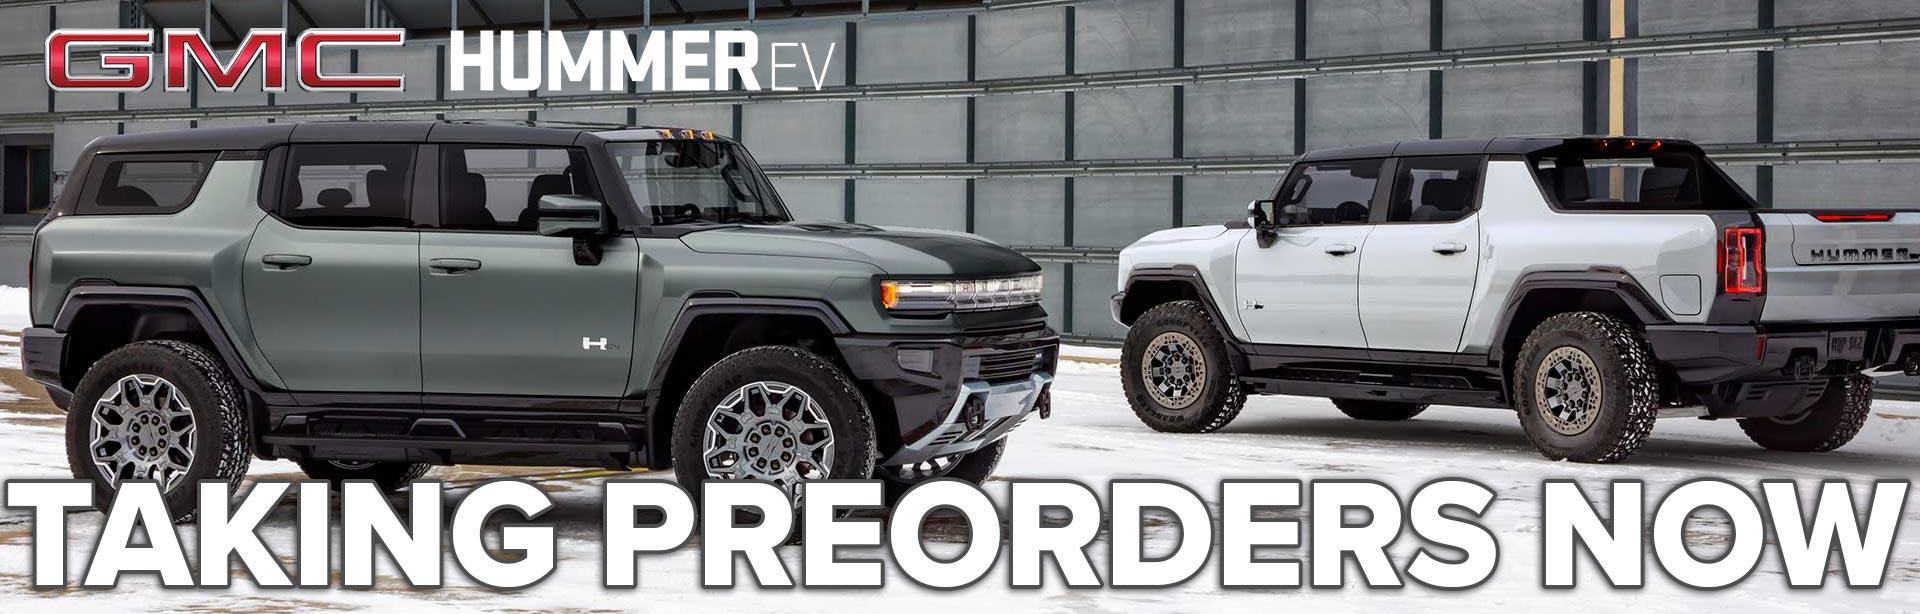 PreOrder Your Hummer Ev